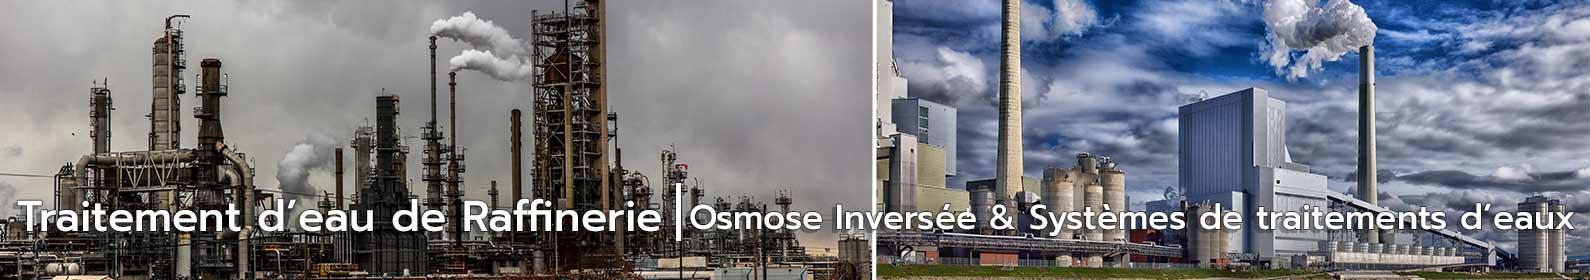 applications-de-traitement-de-l-eau-par-osmose-inverse-raffinerie.jpg